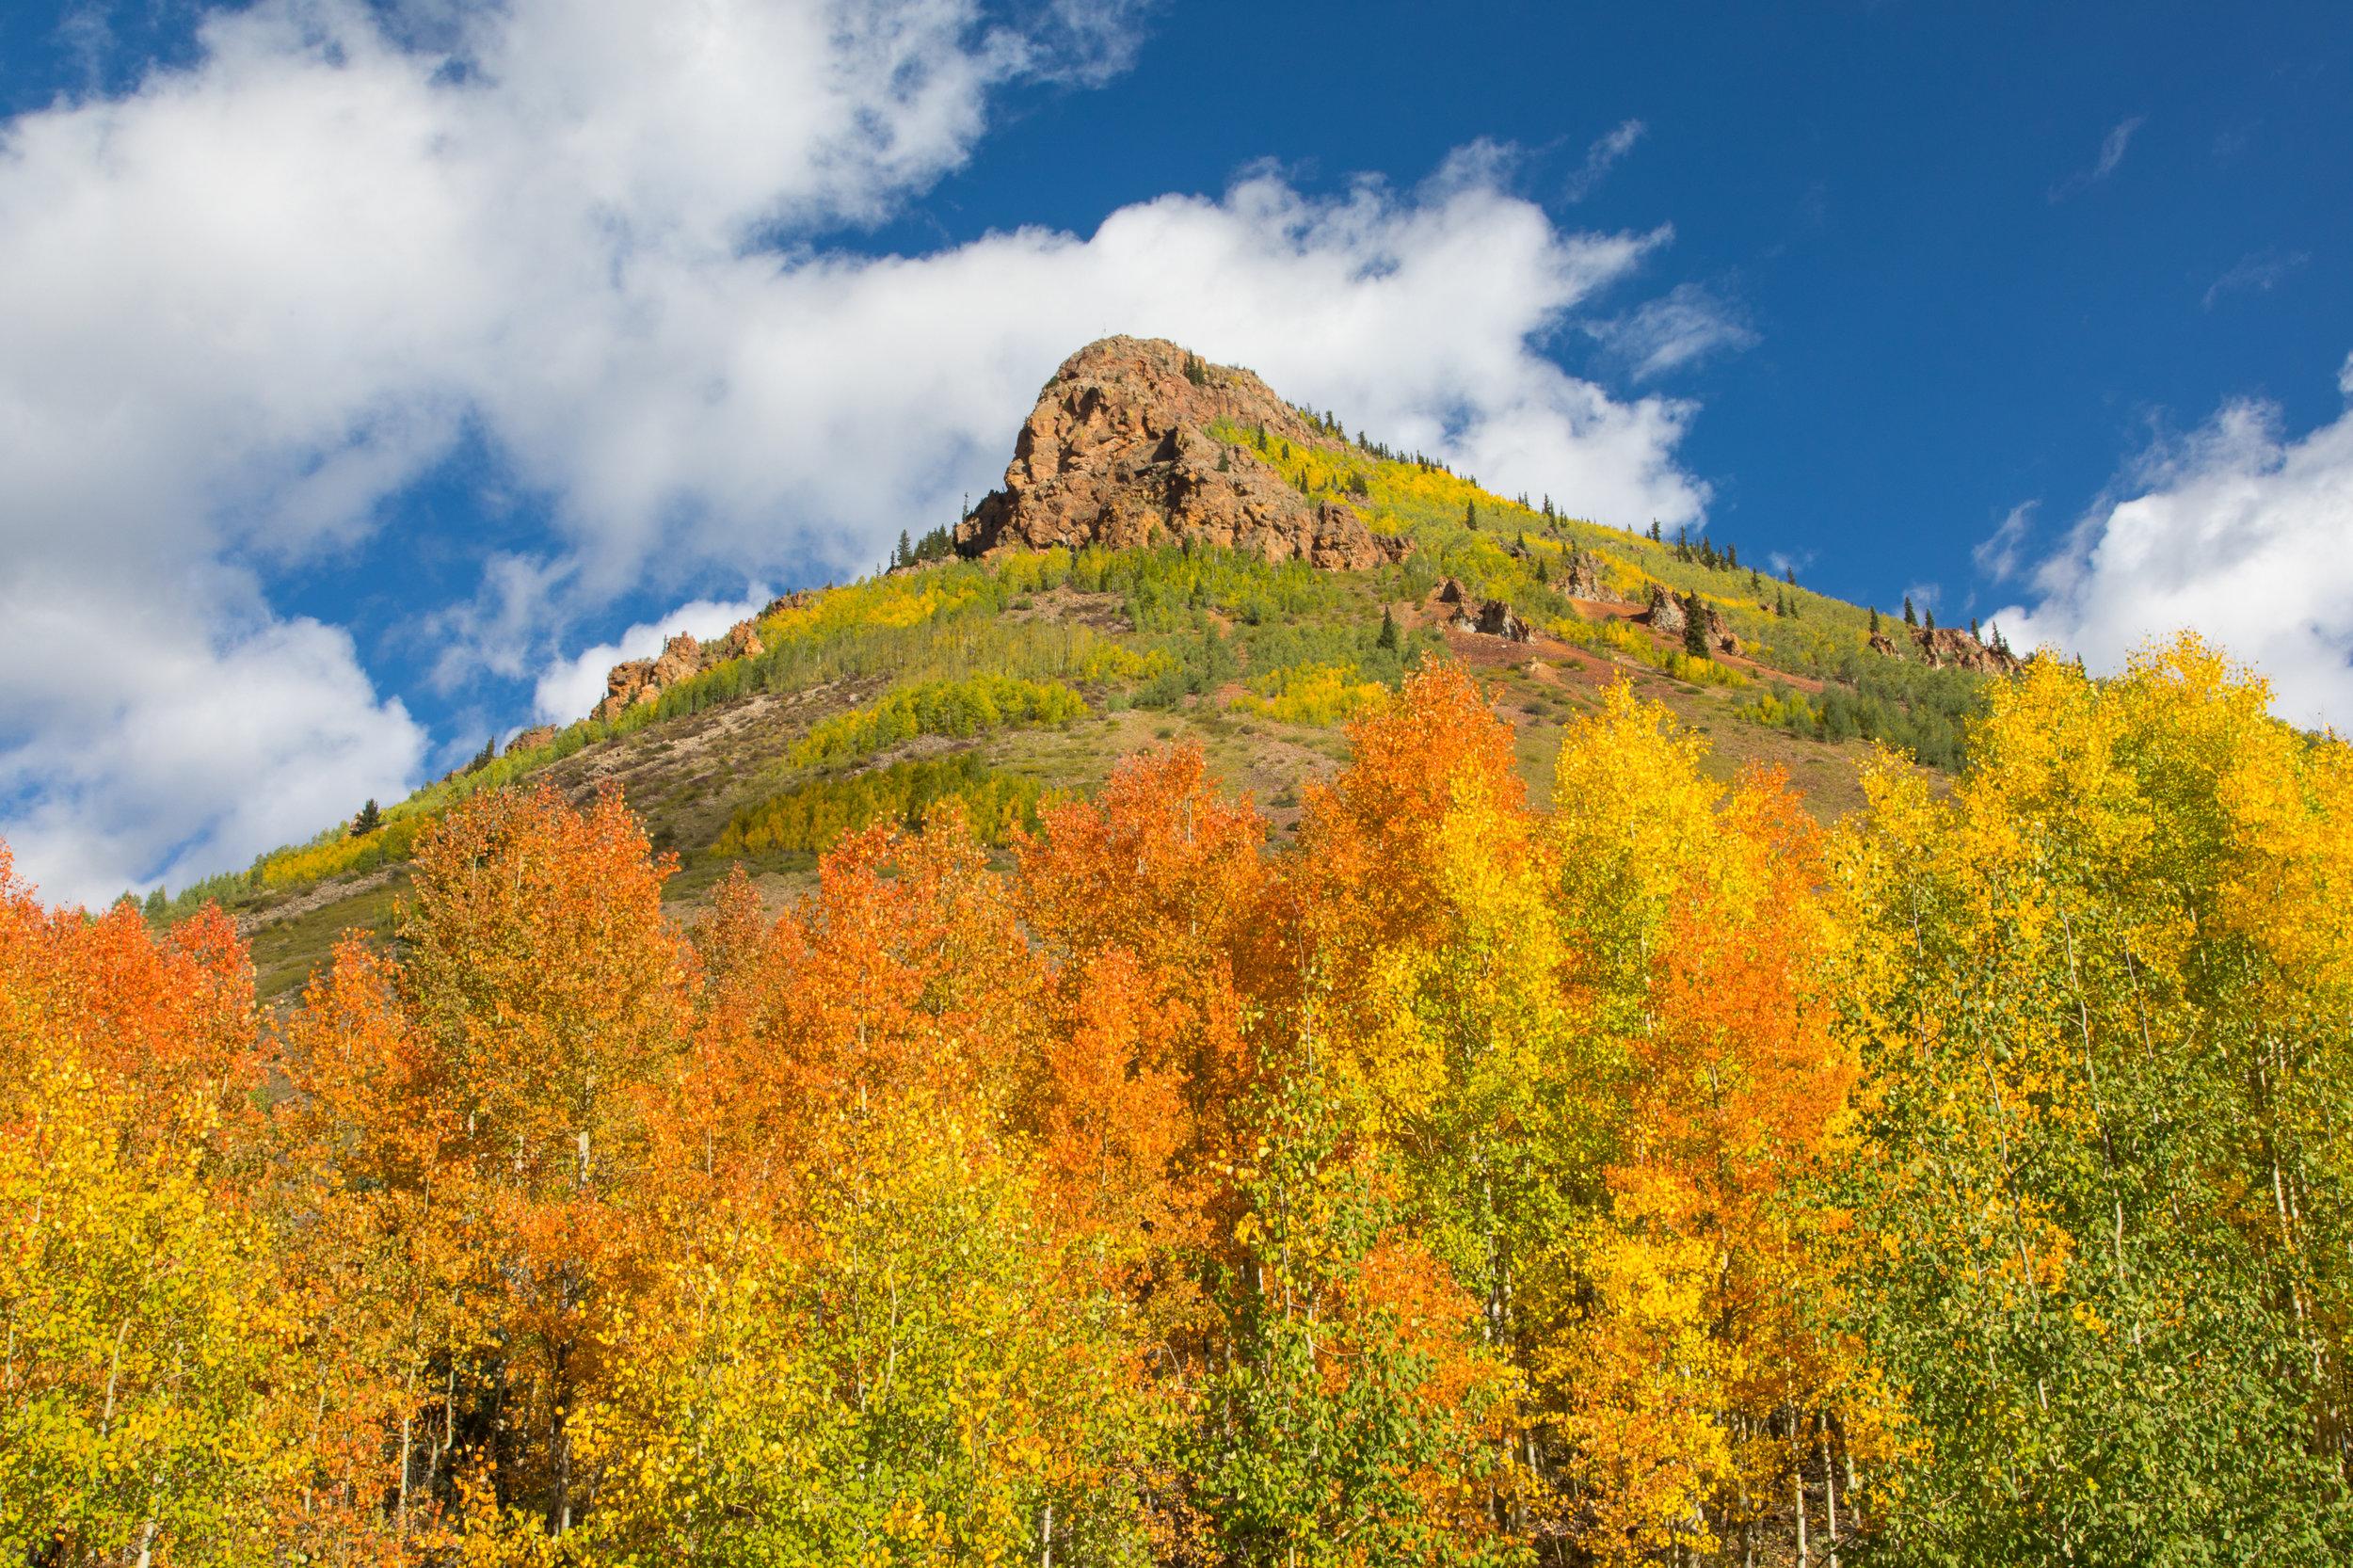 Silverton, Colorado, Image # 9350